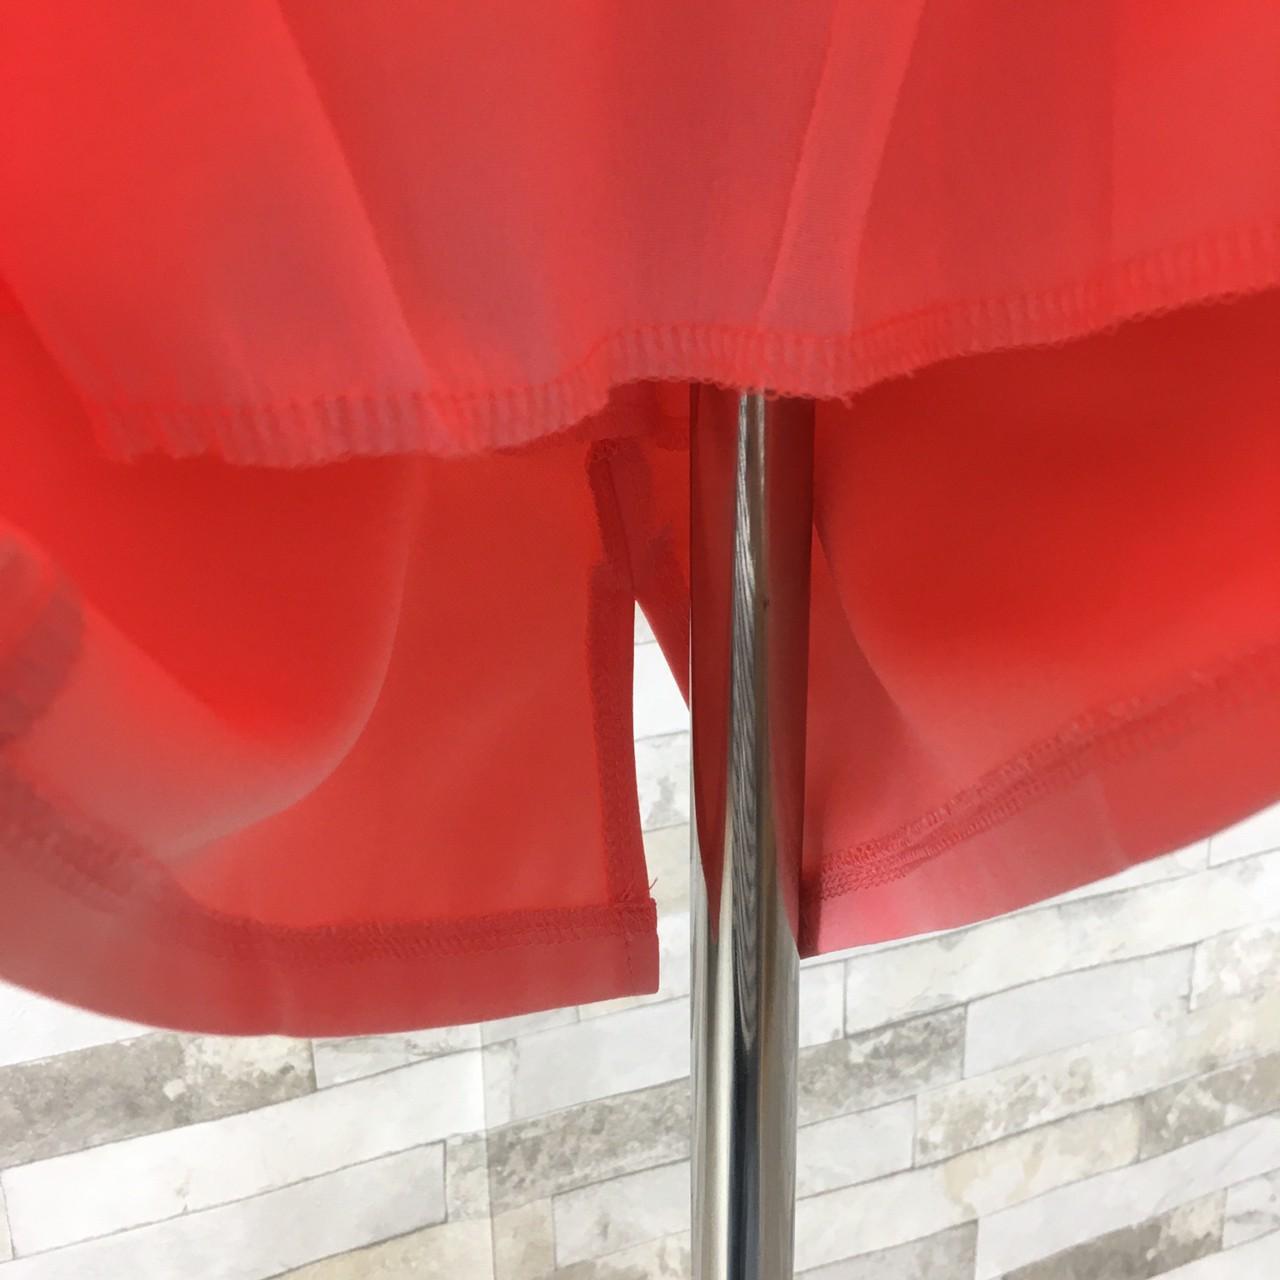 韓国 ファッション ワンピース パーティードレス ショート ミニ丈 夏 春 パーティー ブライダル PTXH937 結婚式 お呼ばれ キレイ色 ベーシックデザイン 着回し シ 二次会 セレブ きれいめの写真20枚目